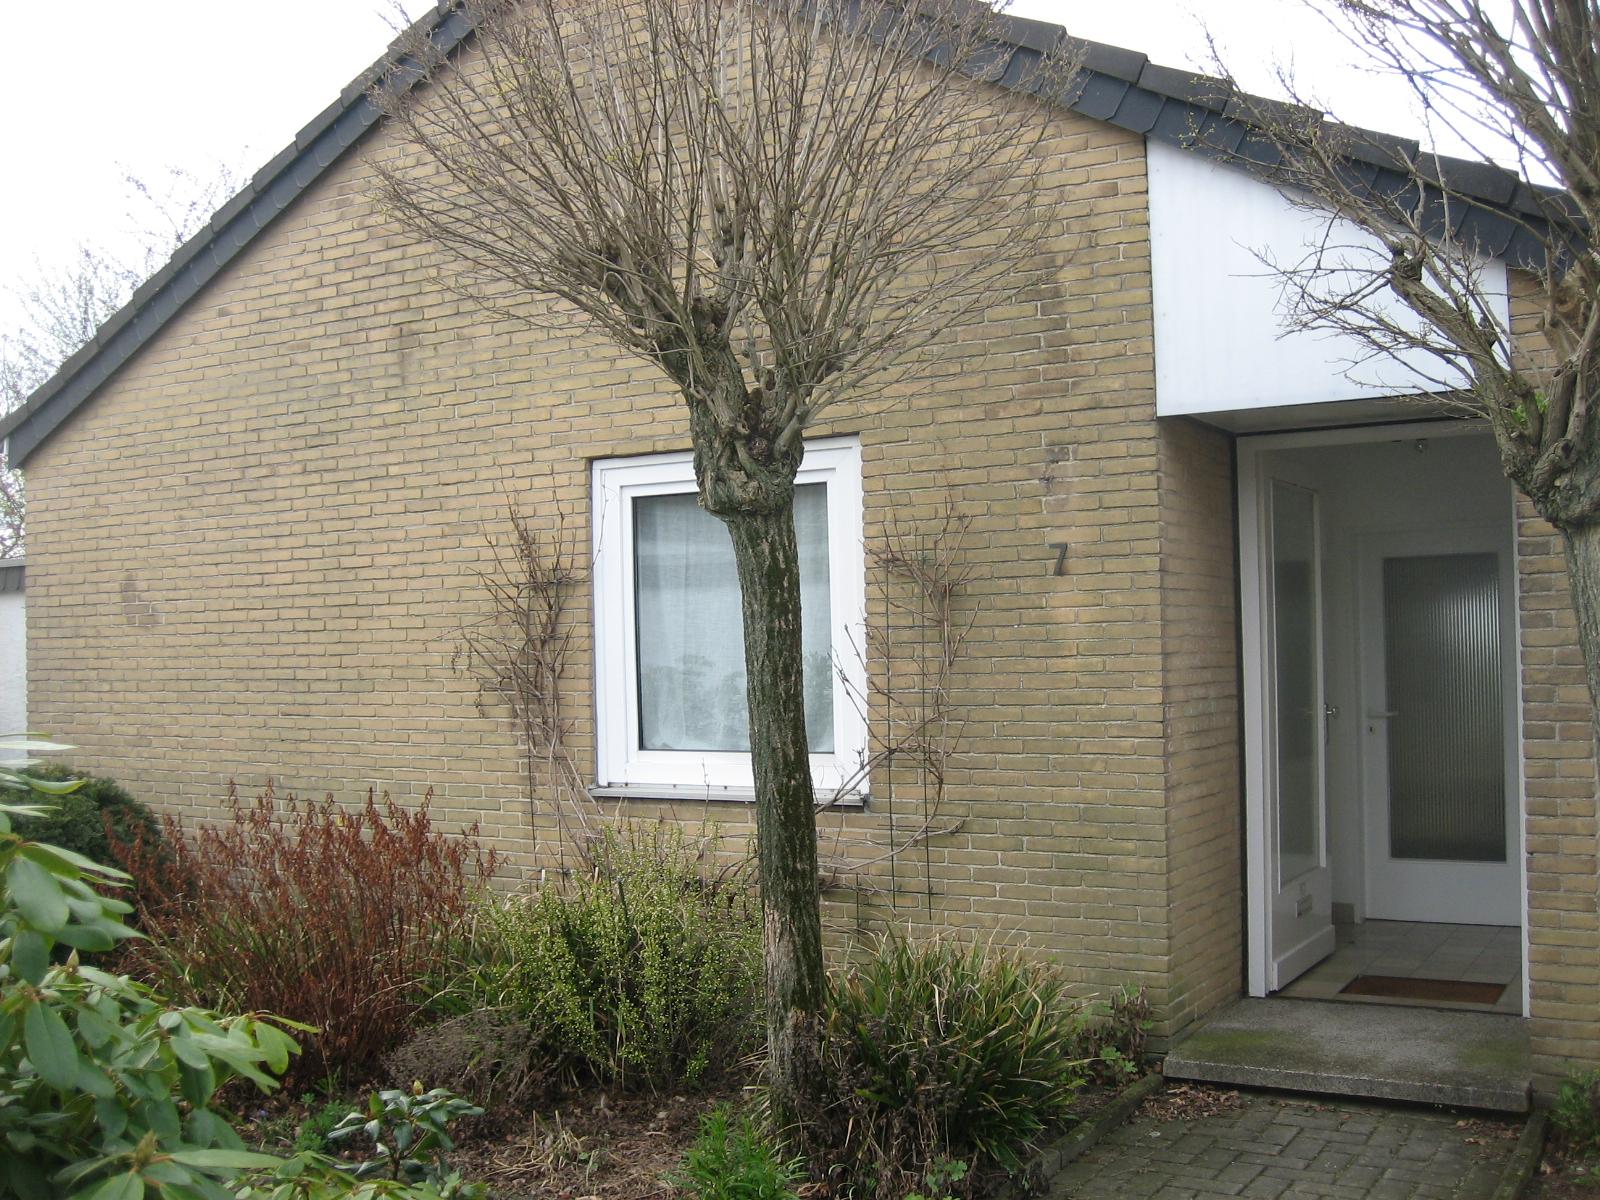 Barrierefreies Wohnen - Gartenhaus - vorher